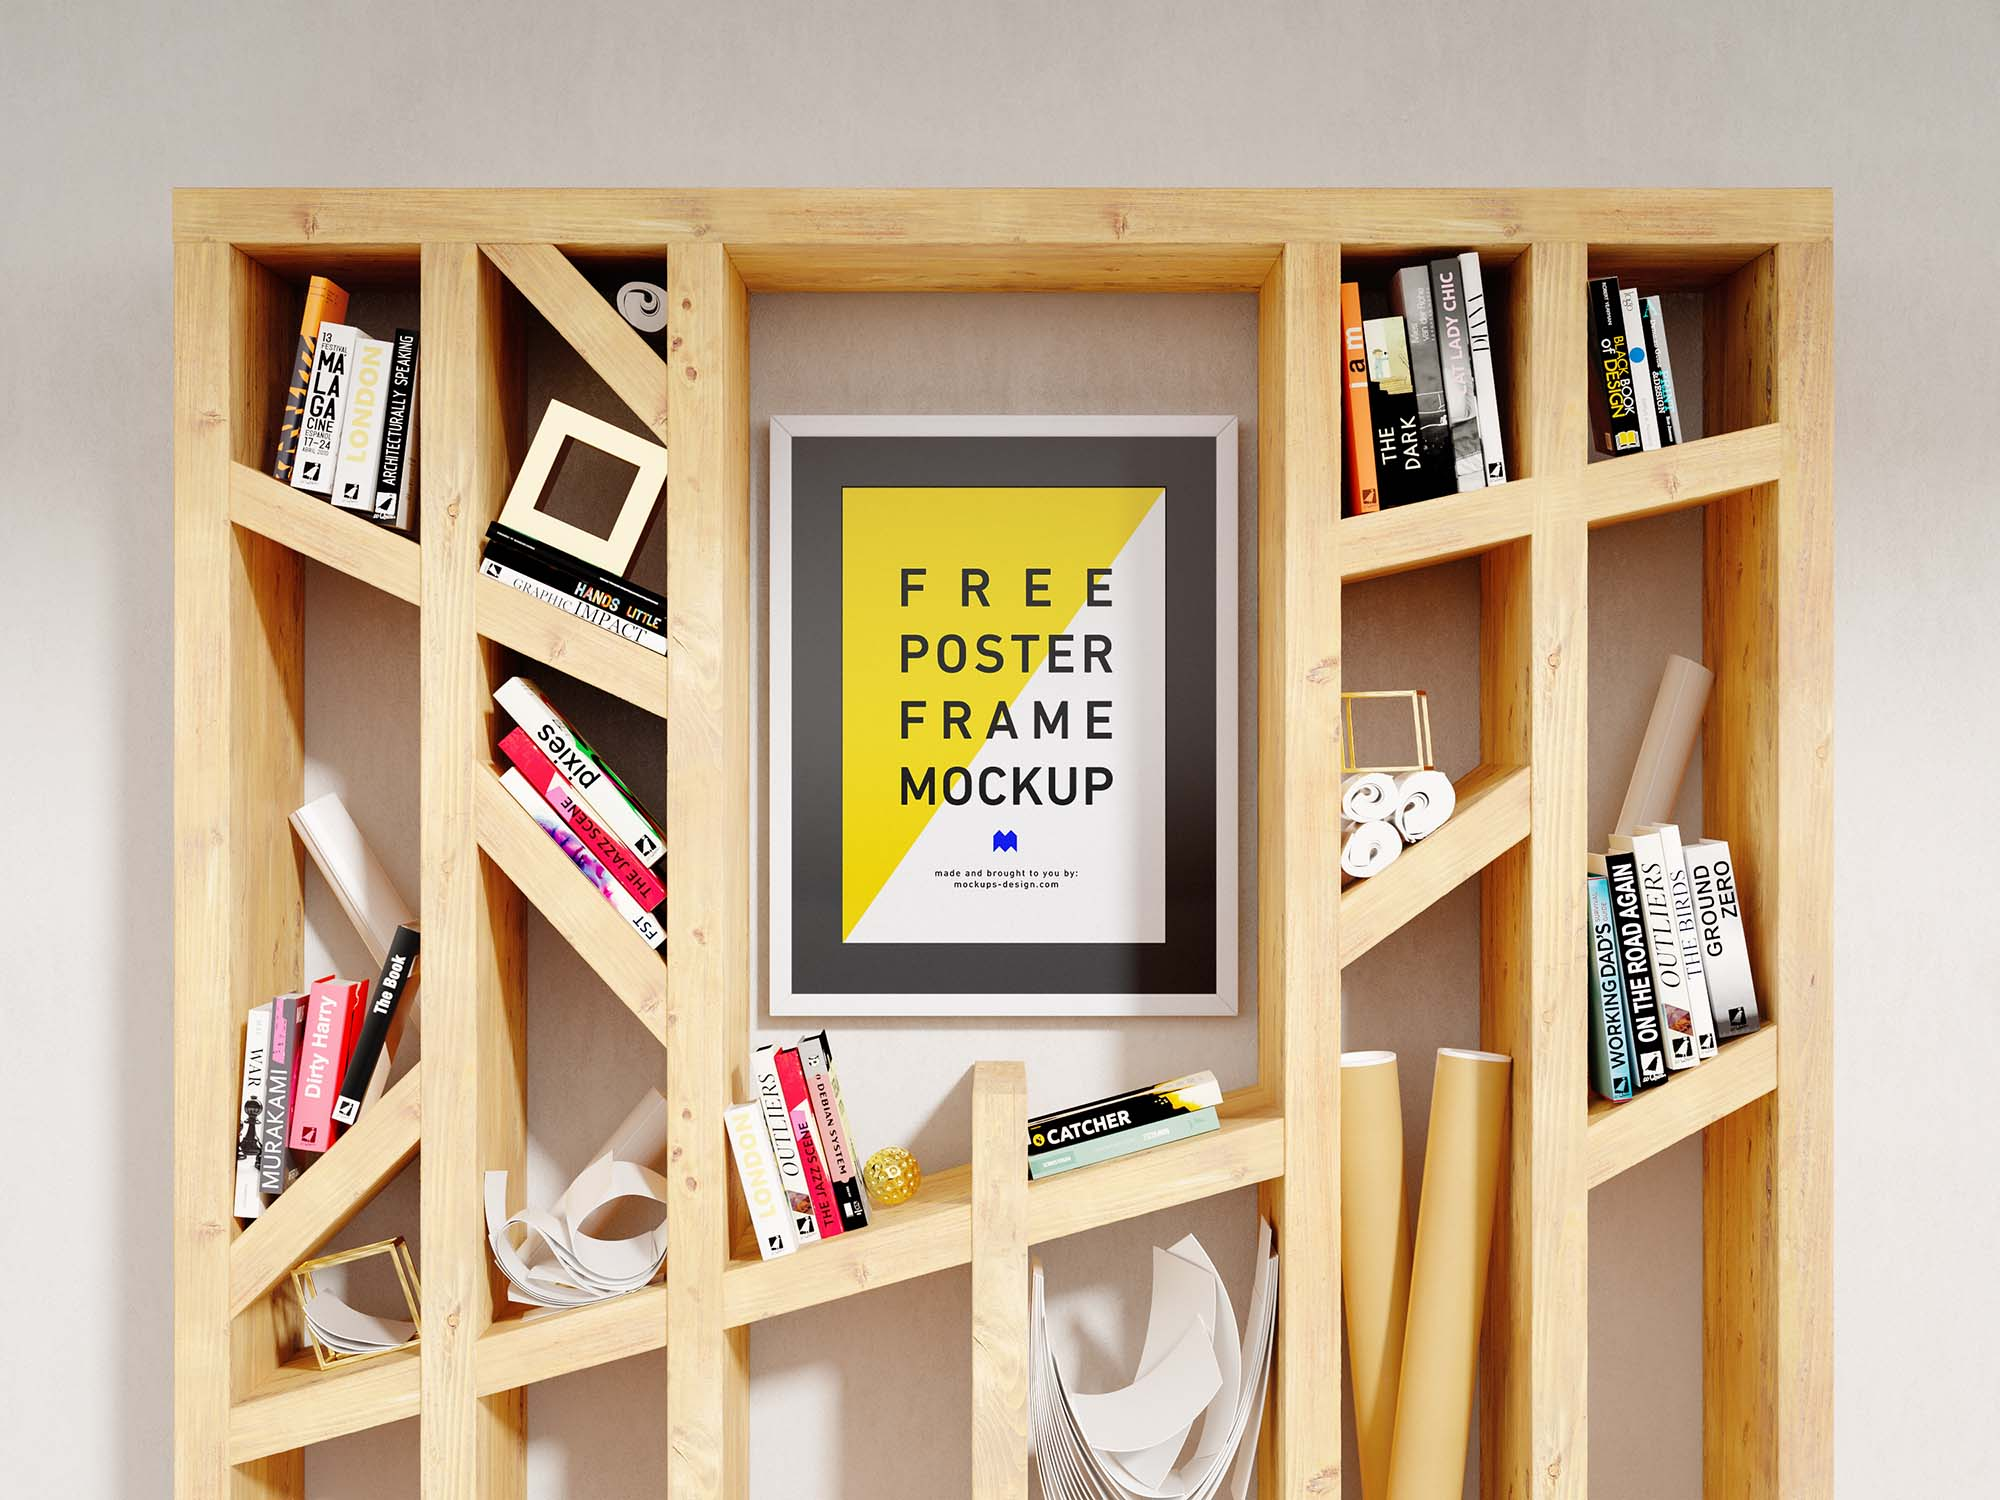 Vertical Poster Frame Mockup